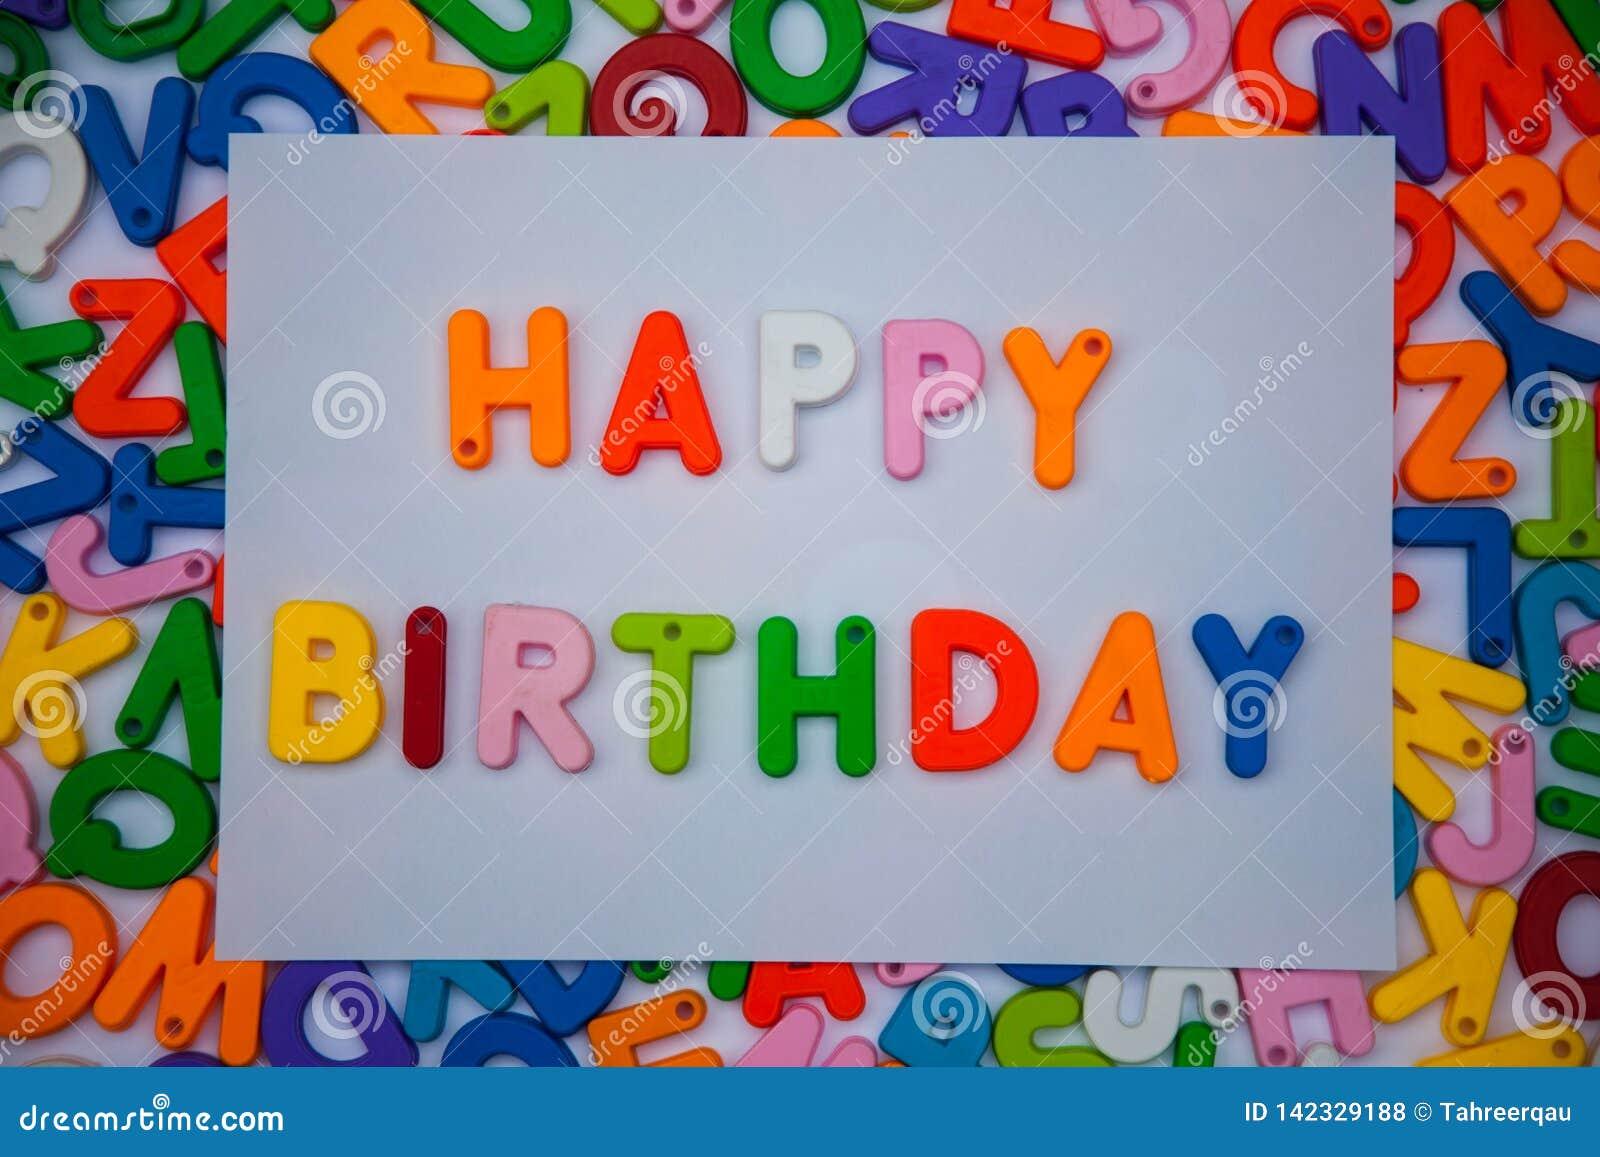 Feliz aniversario escrito com blocos do alfabeto